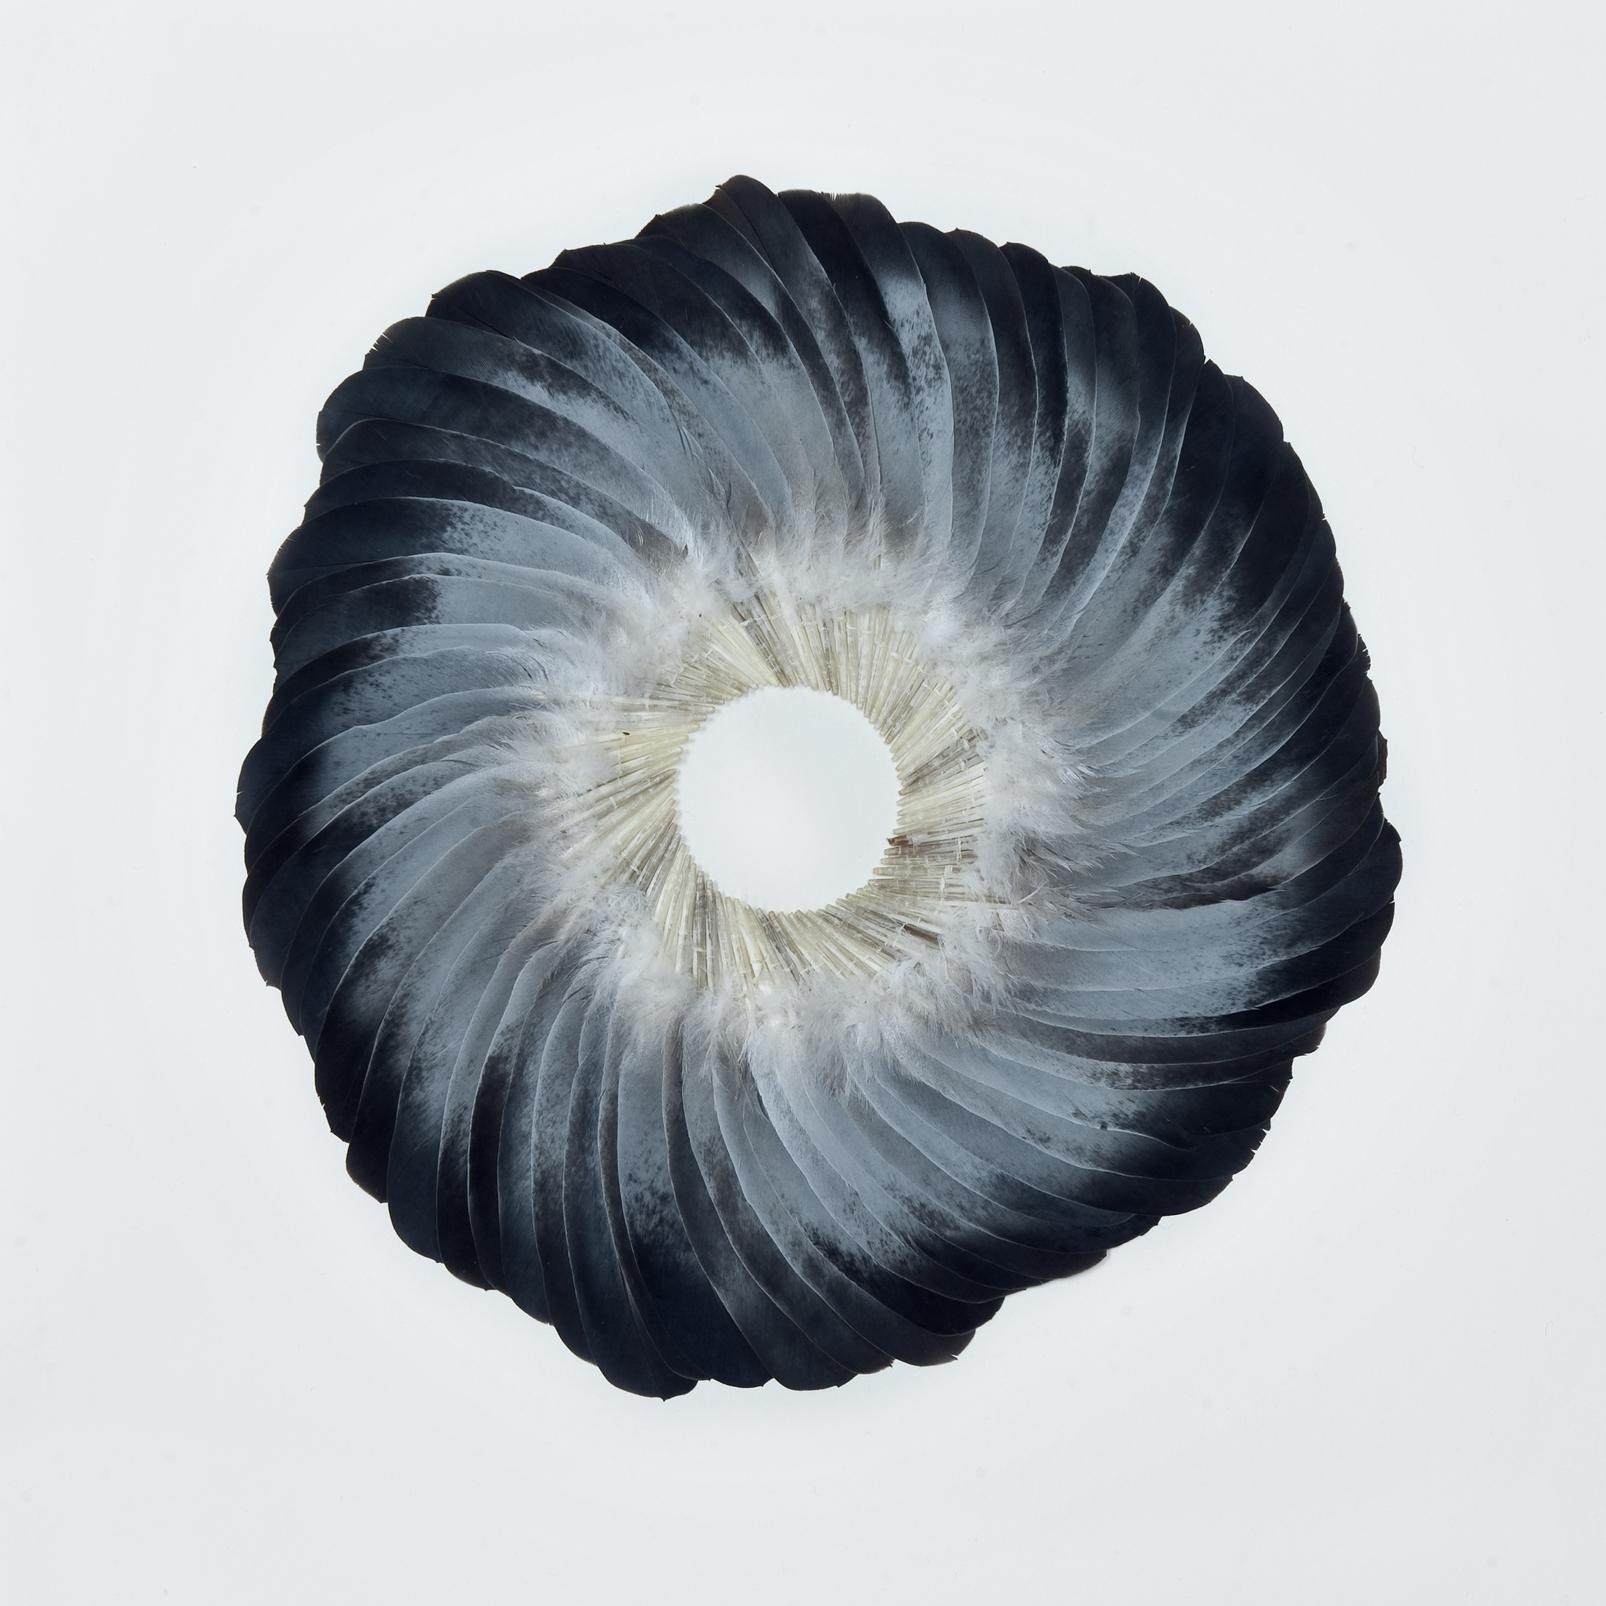 Sepal II, 2011, Kate MccGwire